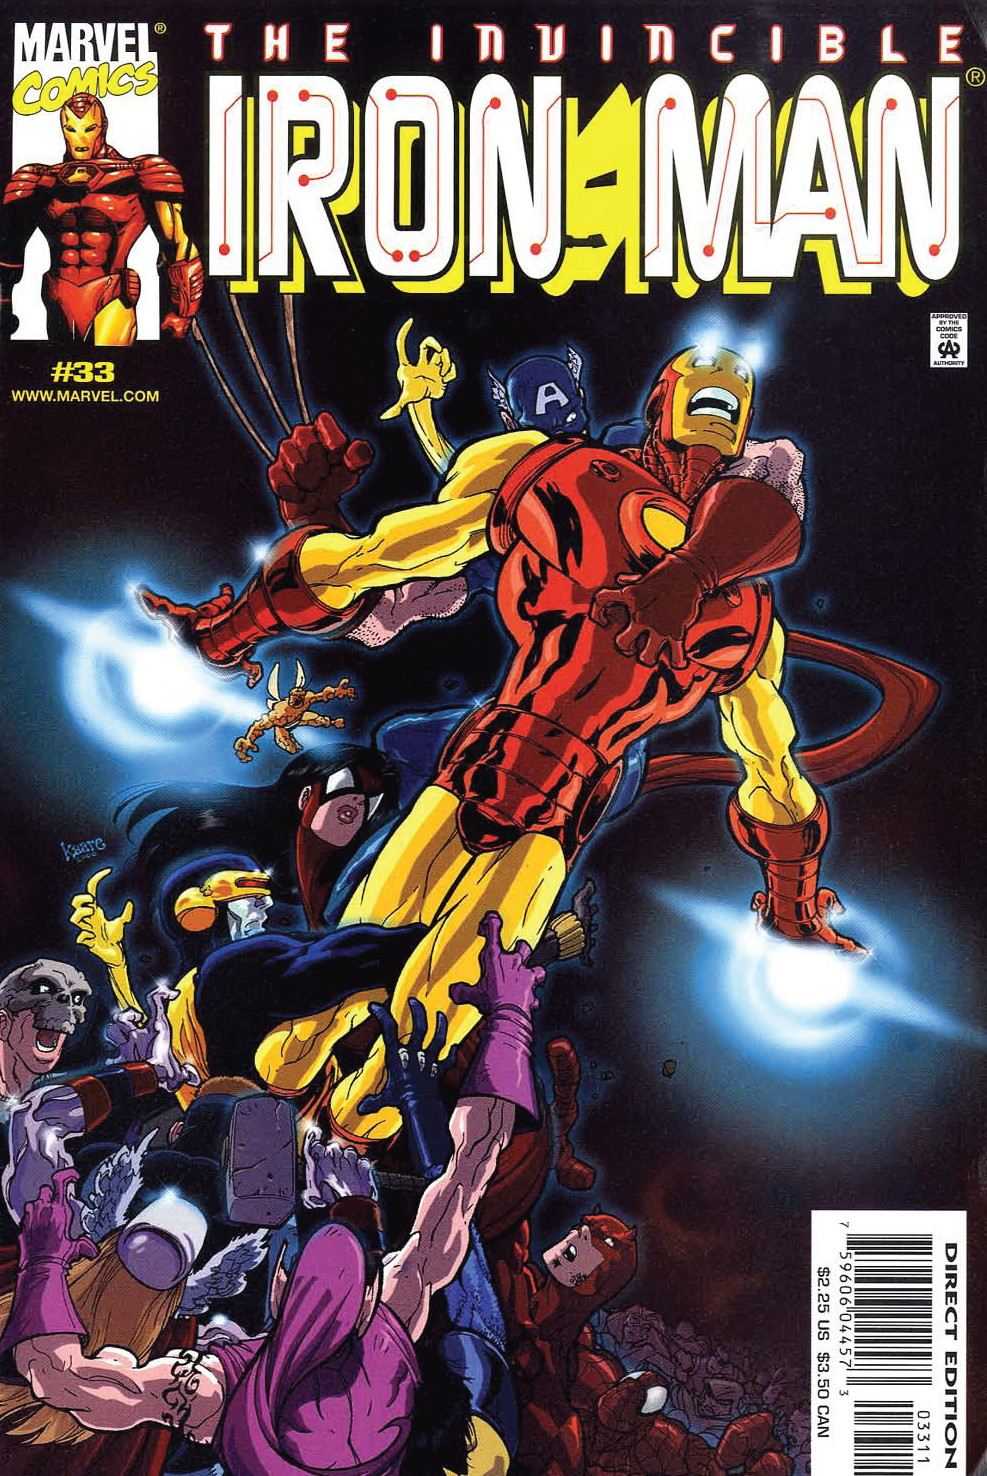 Iron Man (1998) 33 Page 1